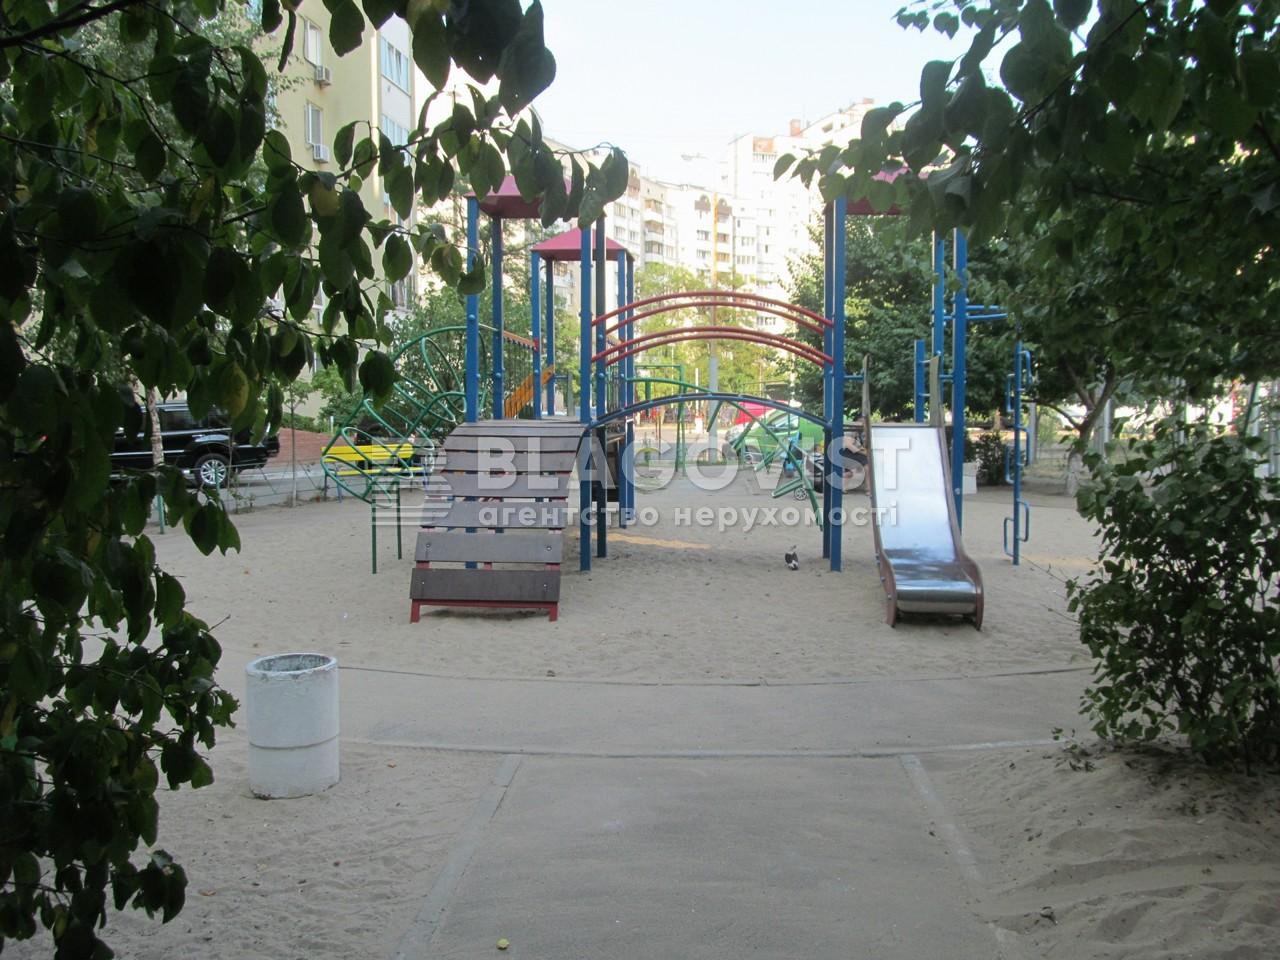 Квартира C-93662, Харьковское шоссе, 58б, Киев - Фото 15